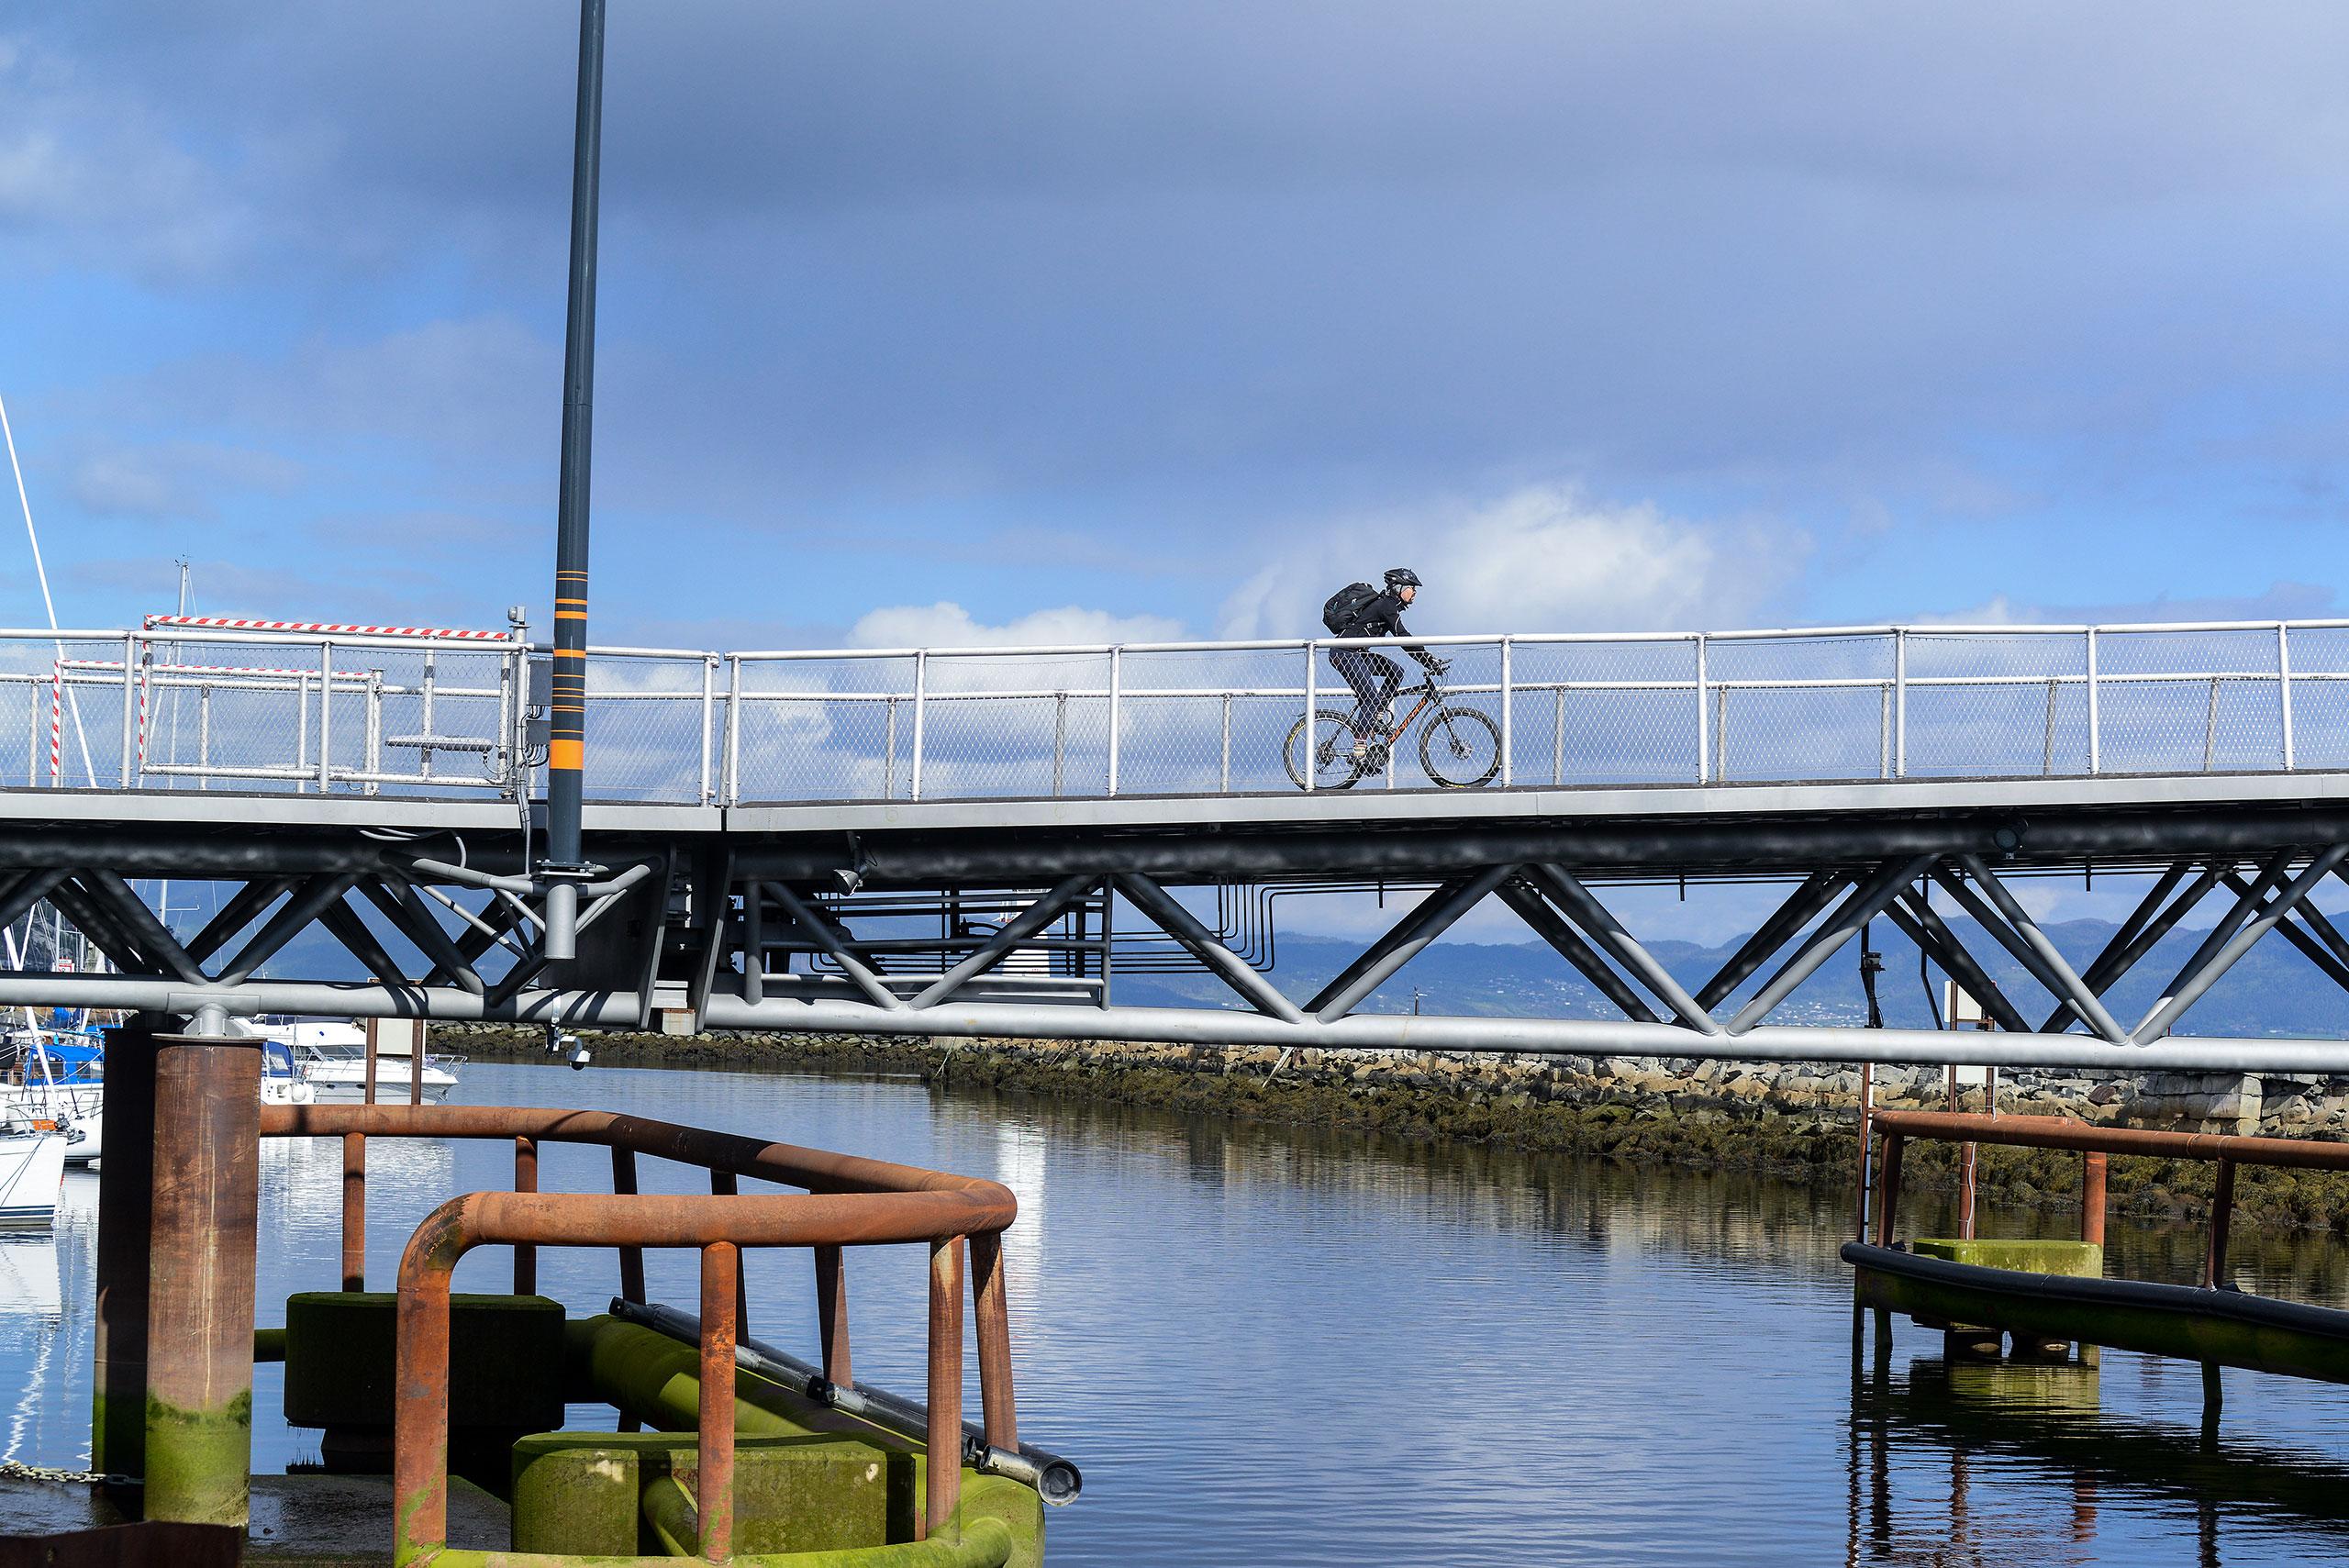 Bilde av syklist over sykkelbru